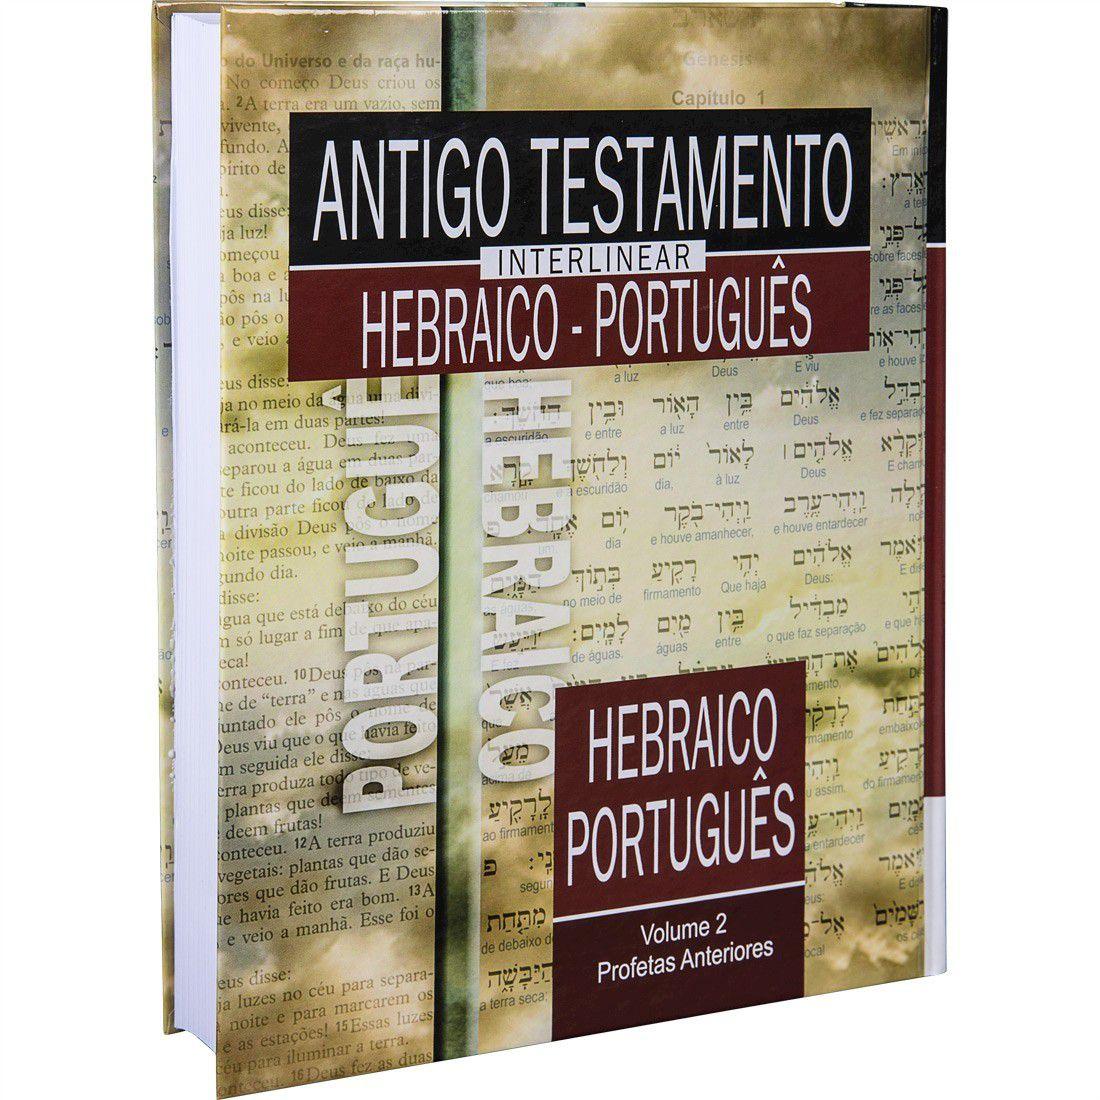 Livro Antigo Testamento Interlinear Hebraico-Português Volume 2